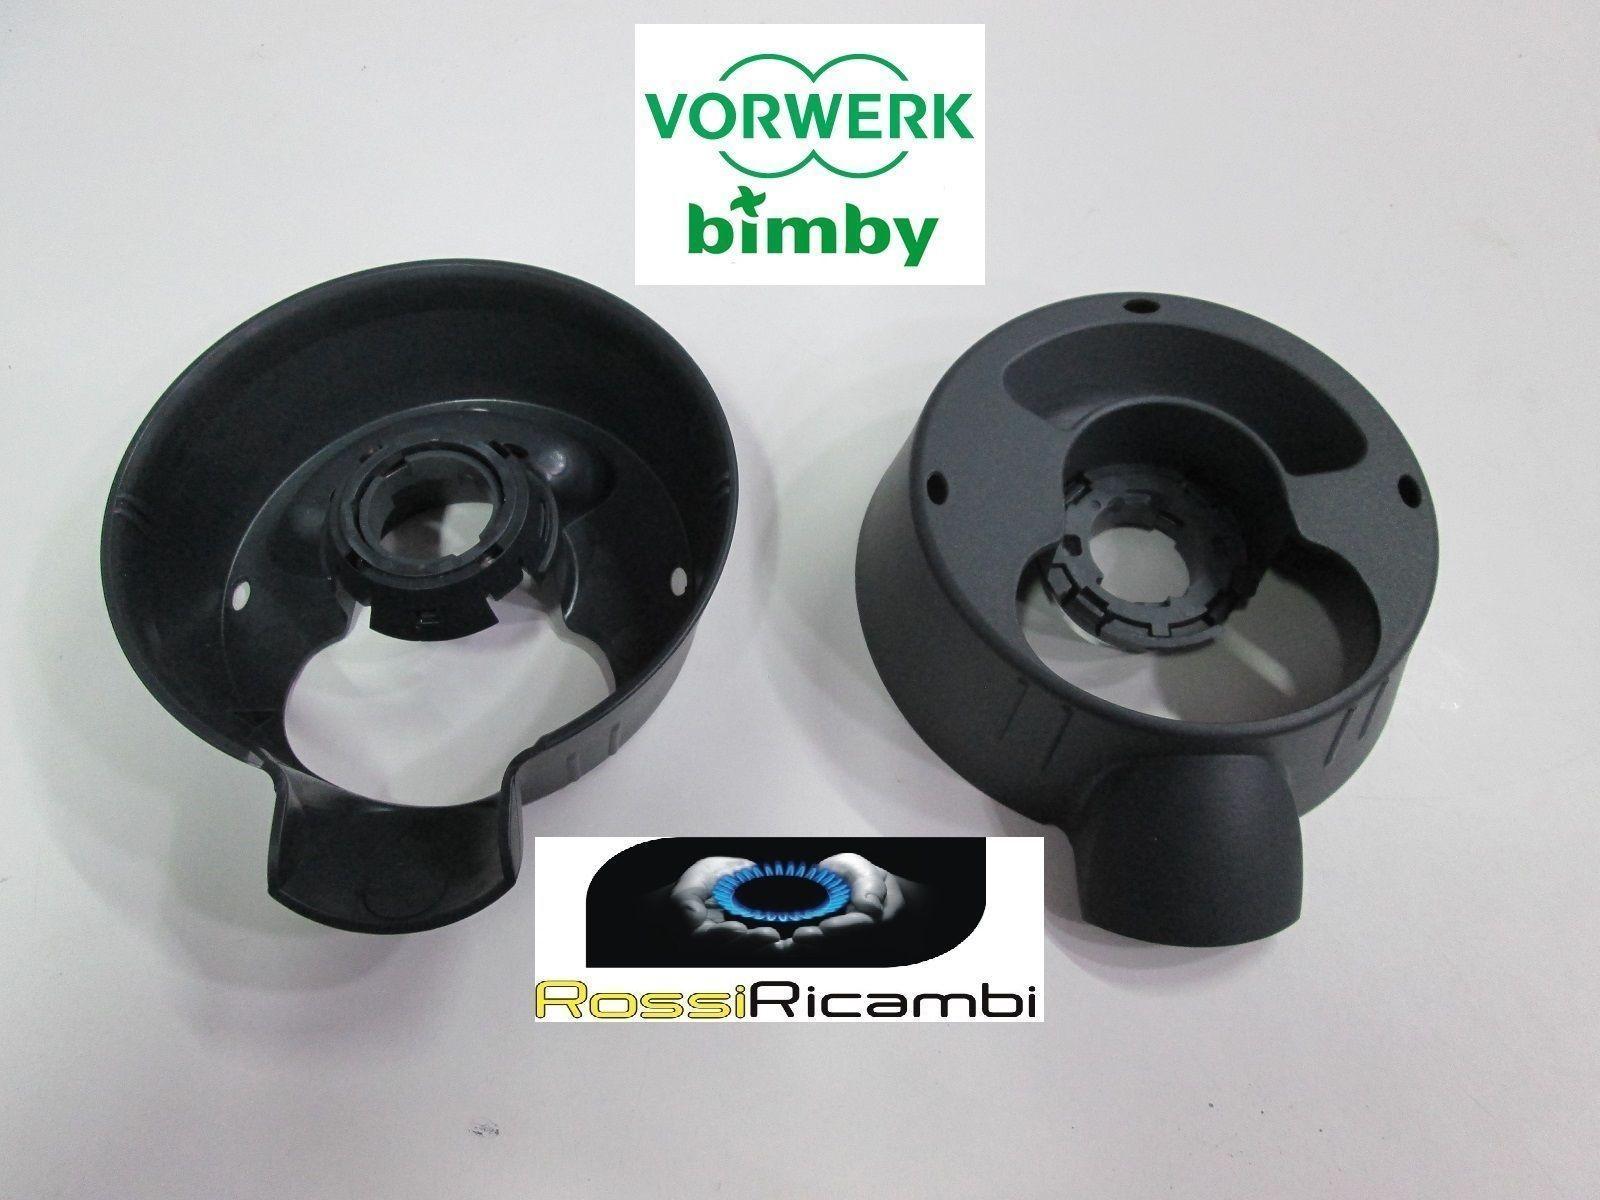 Ghiera Bimby TM21 Originale Vorwerk